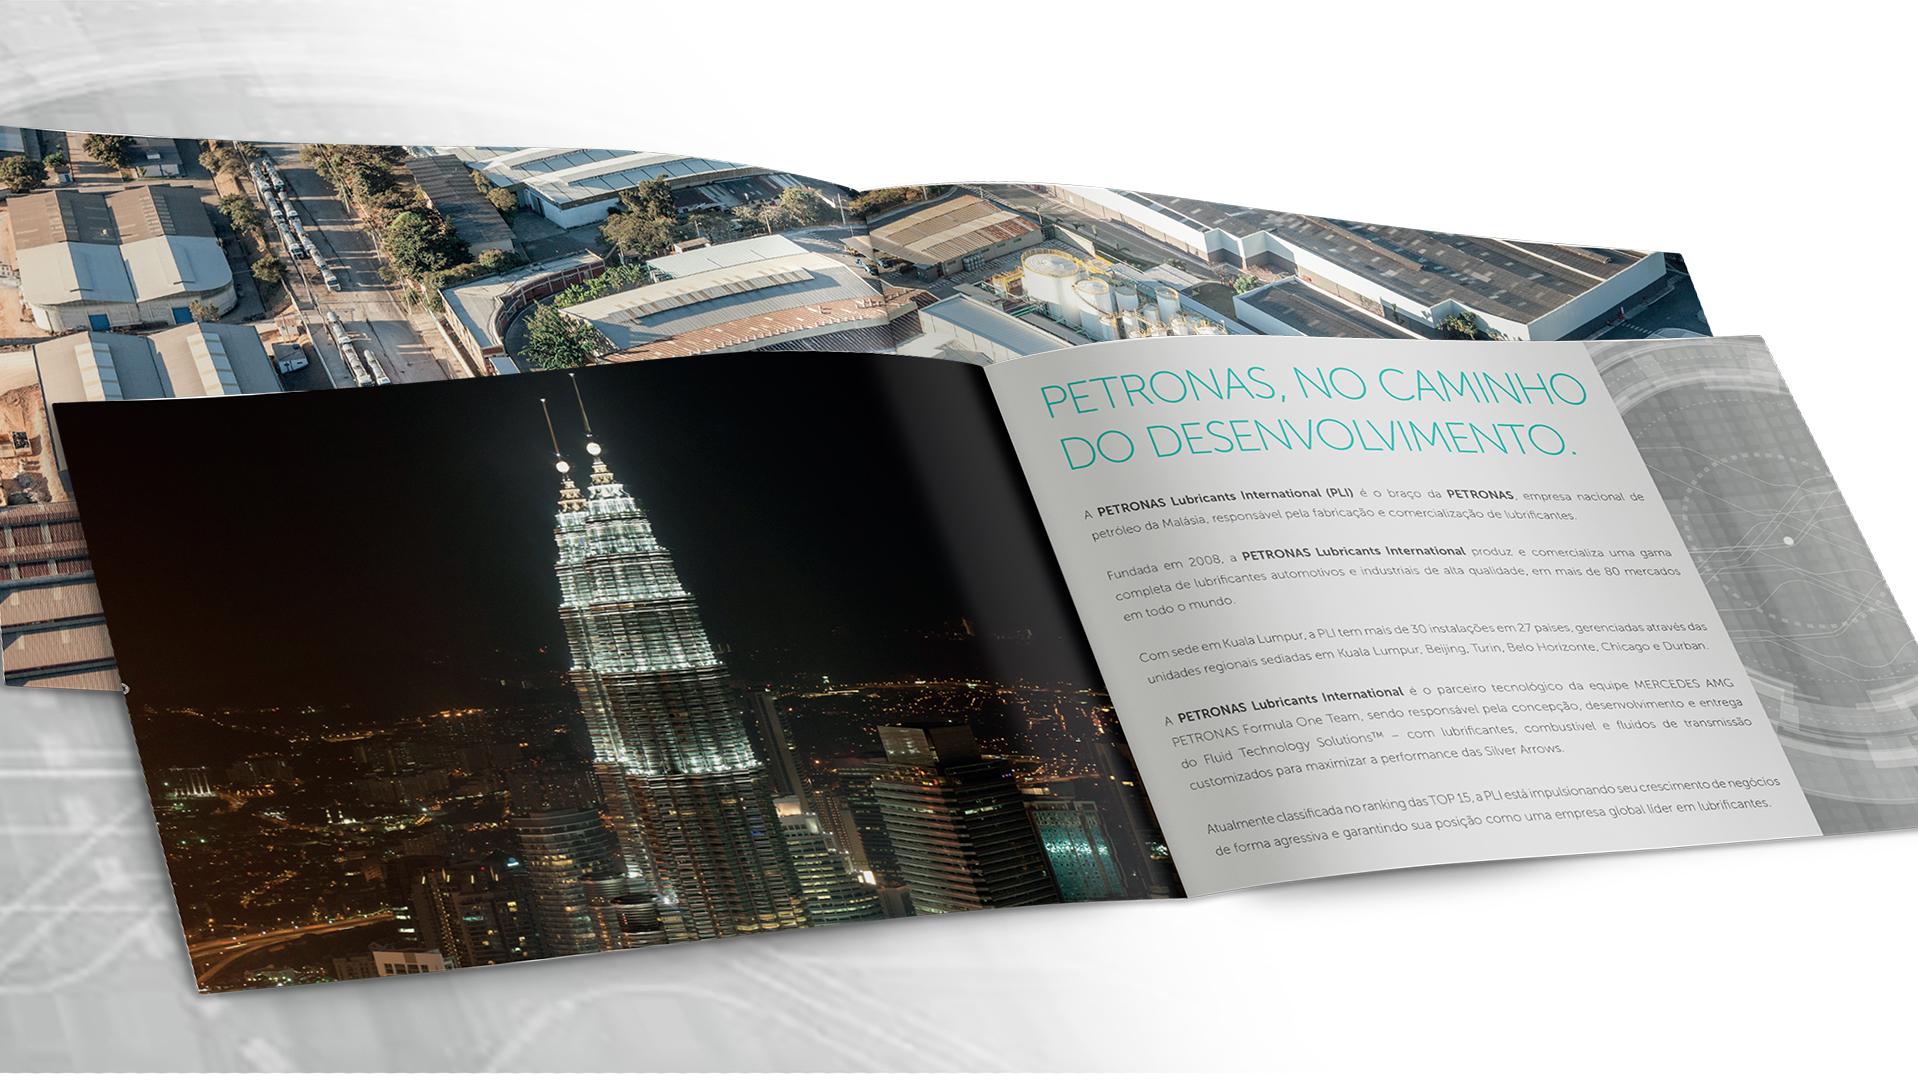 Petronas Catálogo Páginas Internas Aberto